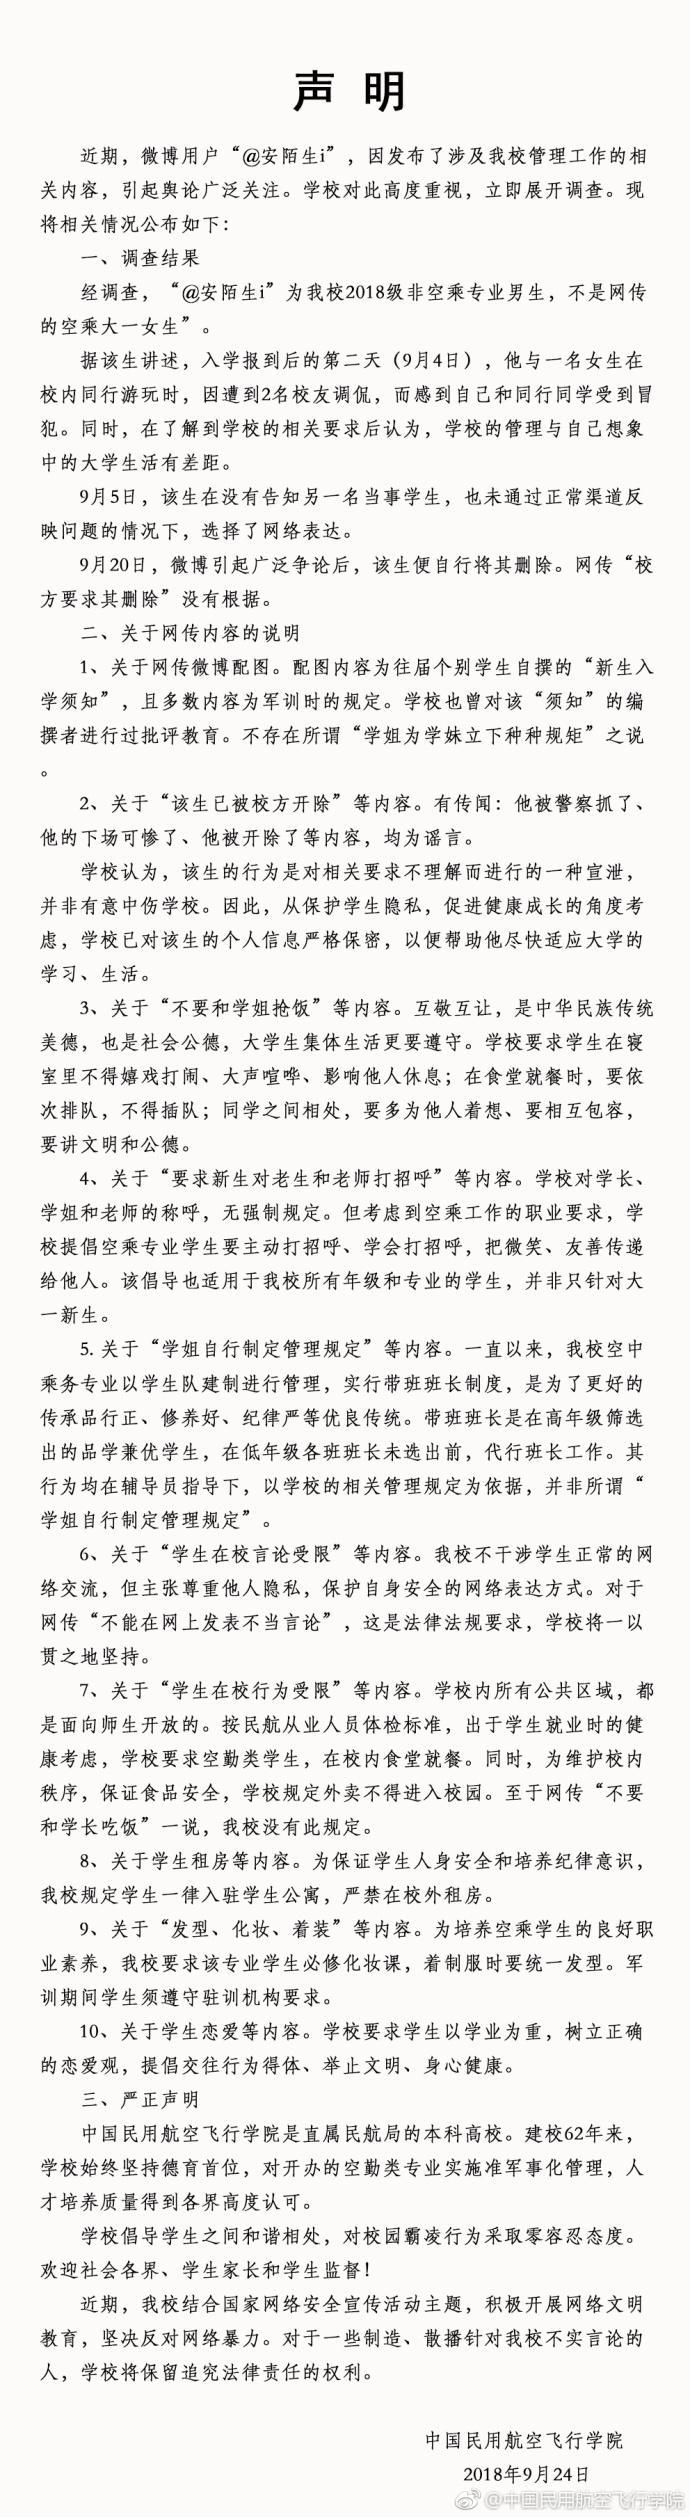 中国民用航空飞行学院:没有学姐为学妹立规矩之说